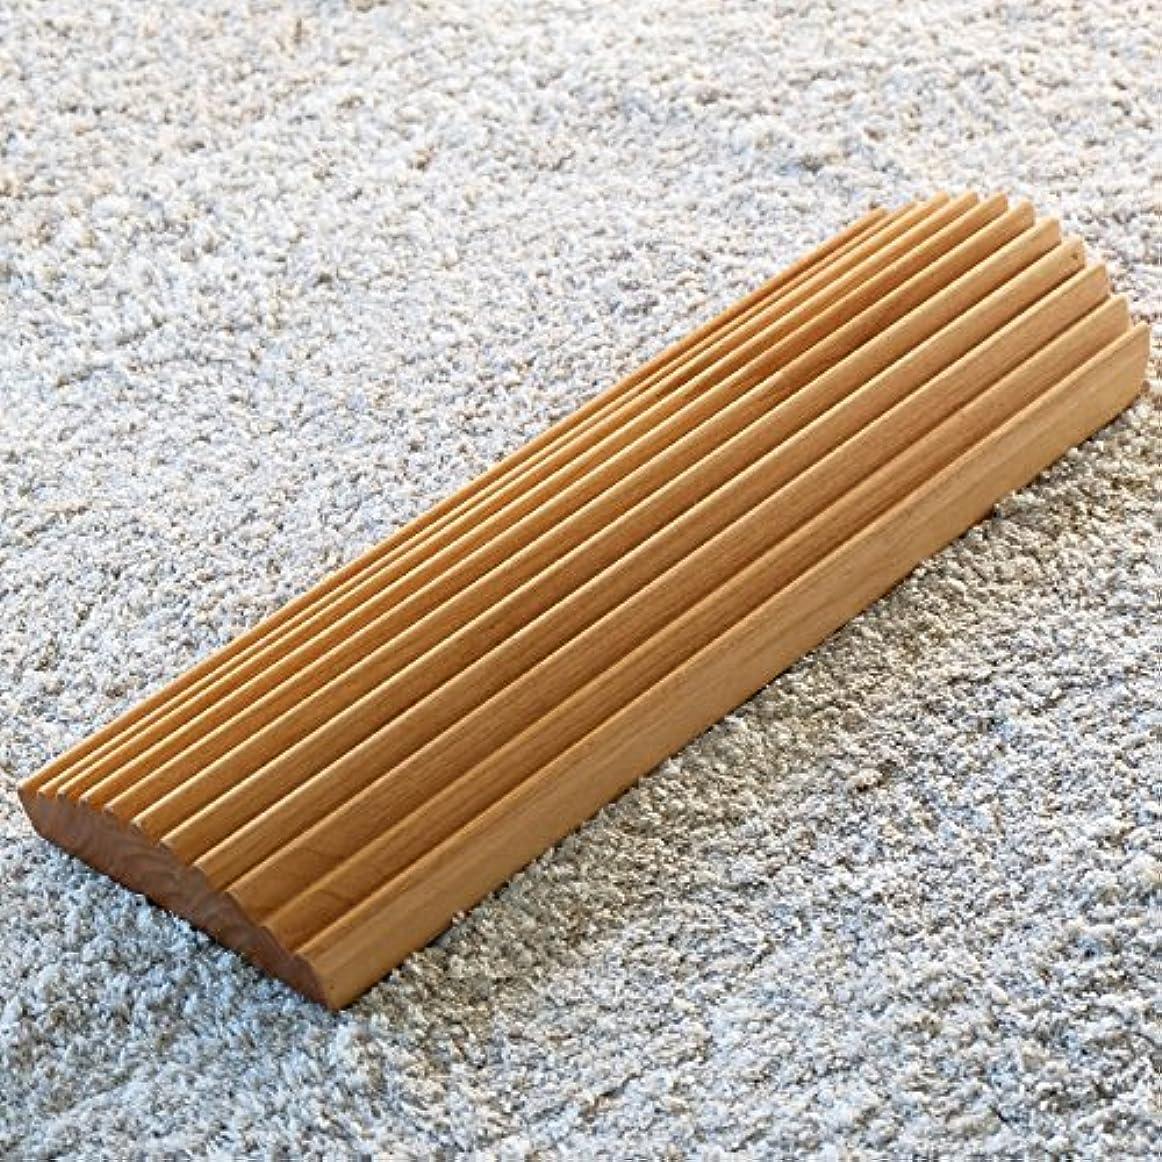 ガイドラインイデオロギーレスリングISSEIKI 足踏み アルダー材 幅40cm FIT ASIFUMI 40 (NA) フットケア 木製 おしゃれ プレゼント 指圧代用 FIT ASIFUMI 40 (AL-NA)